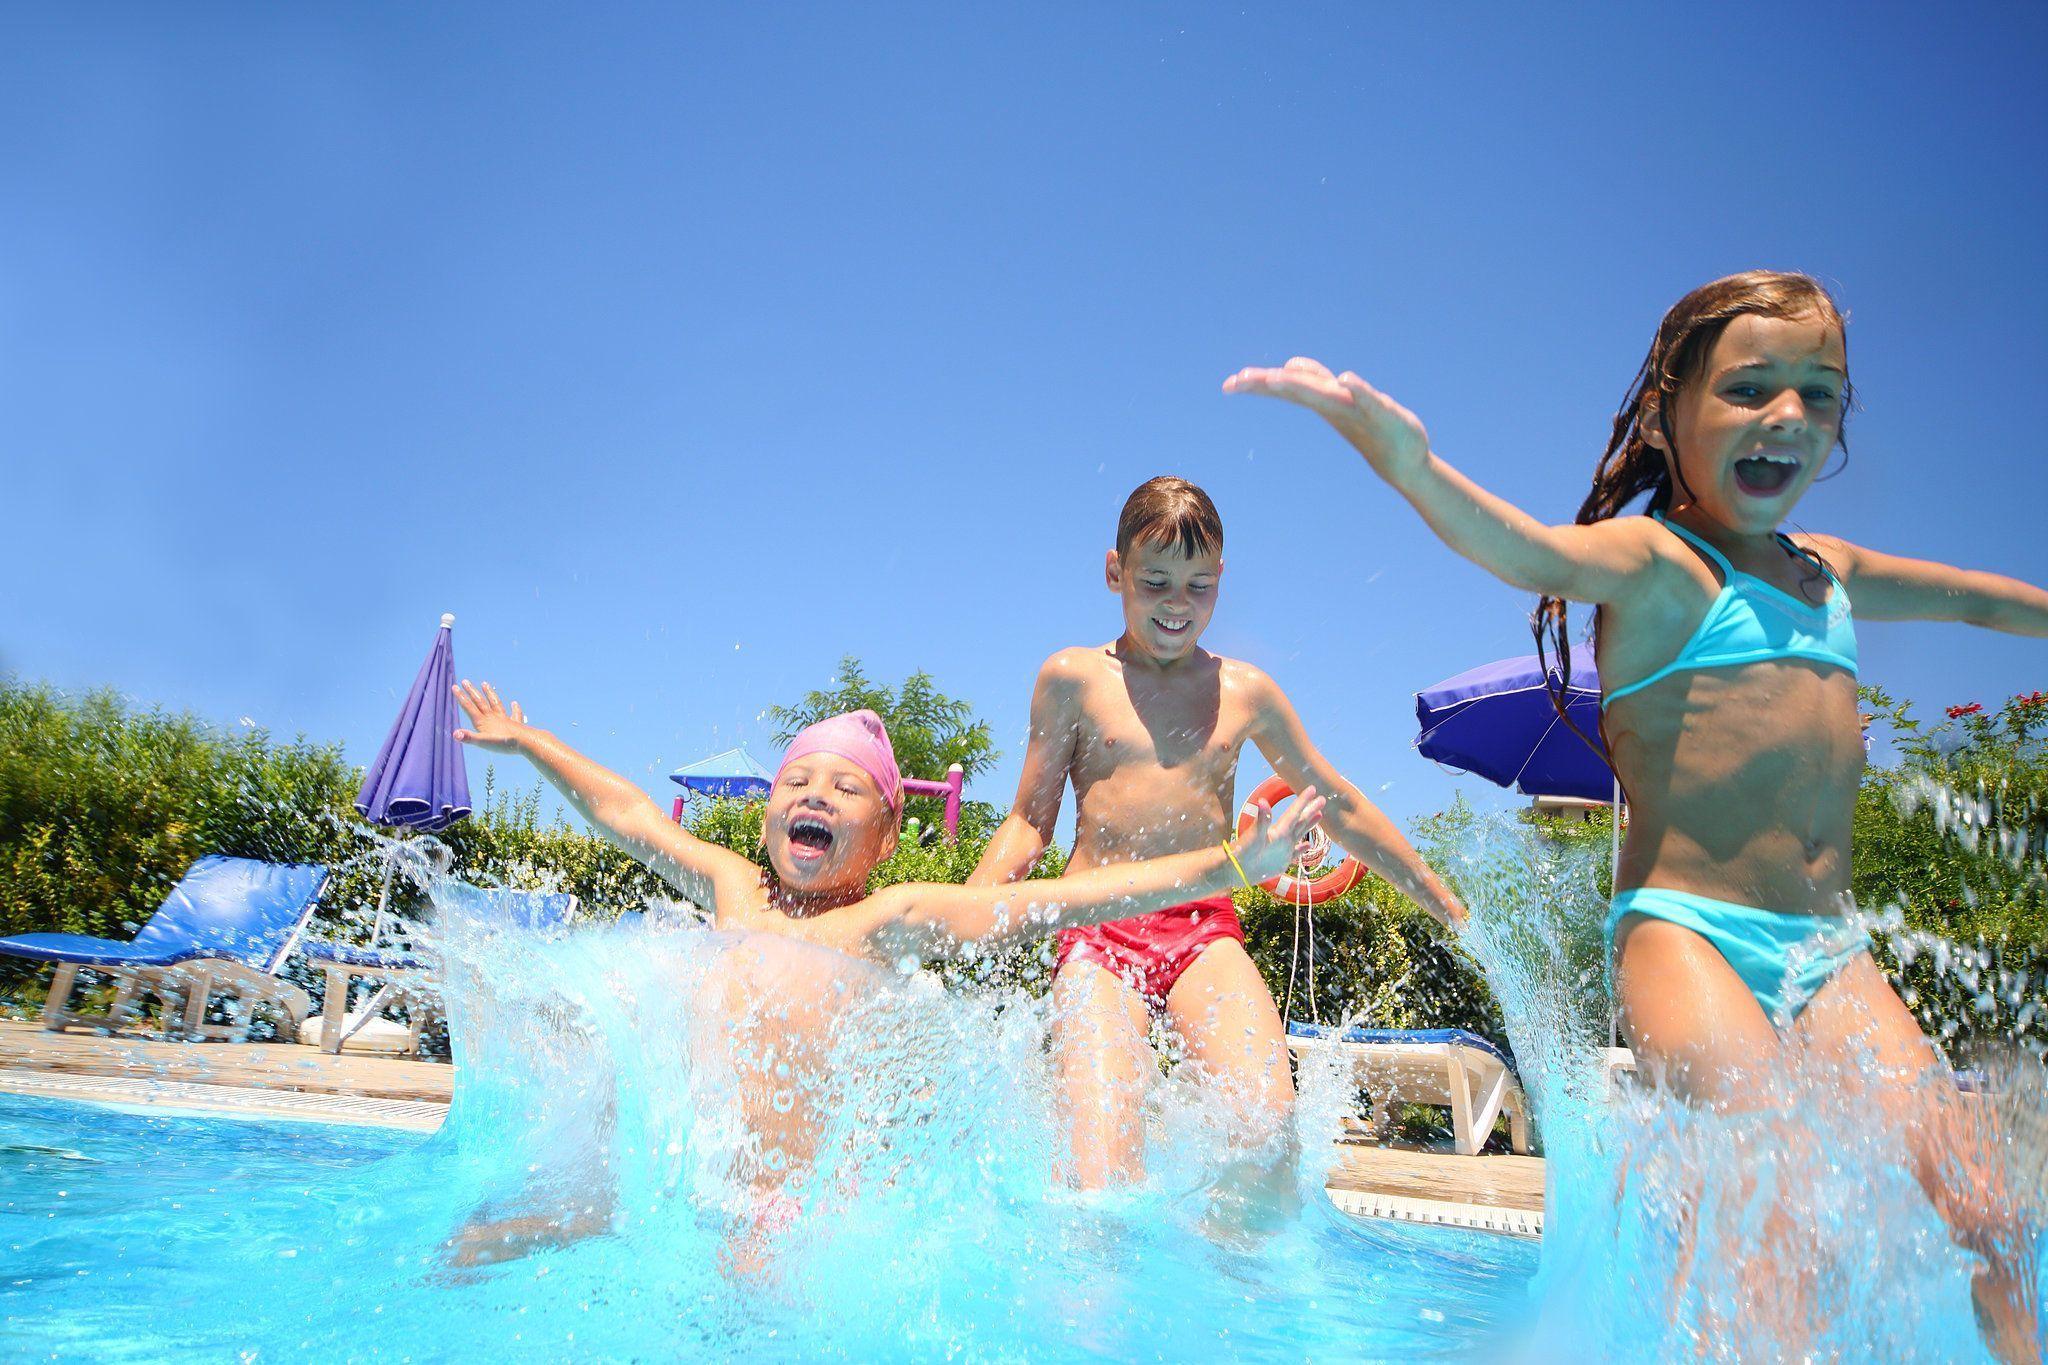 Pool fun orgy tube